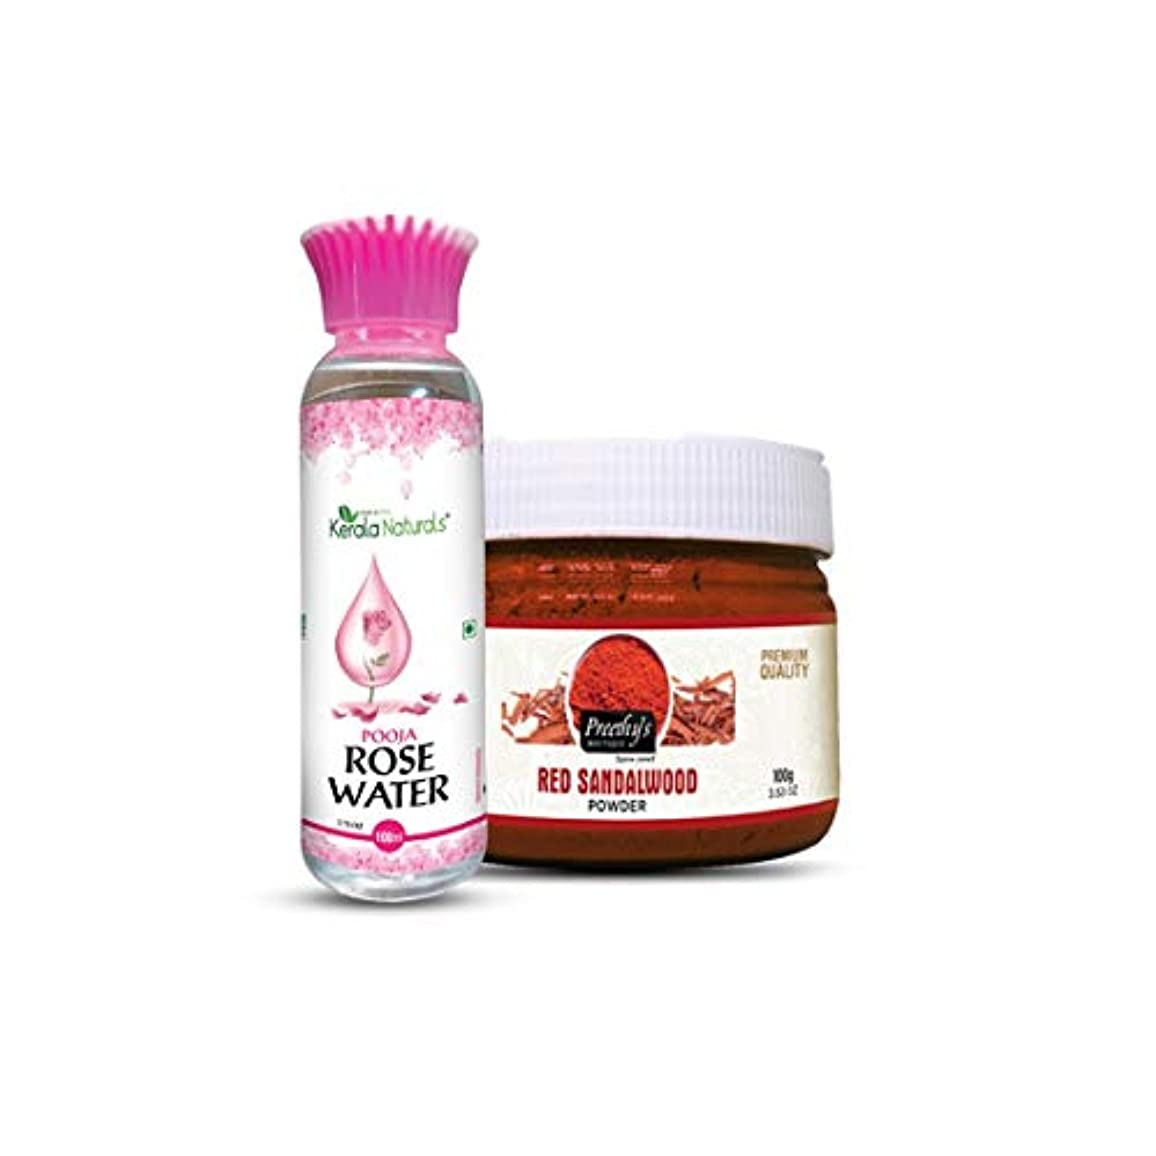 半球影のあるロイヤリティCombo of Red sandalwood powder 100gm+ Rose water 100ml - Enhancing the beauty of the Skin - 赤白檀パウダー100gm +ローズウォーター...